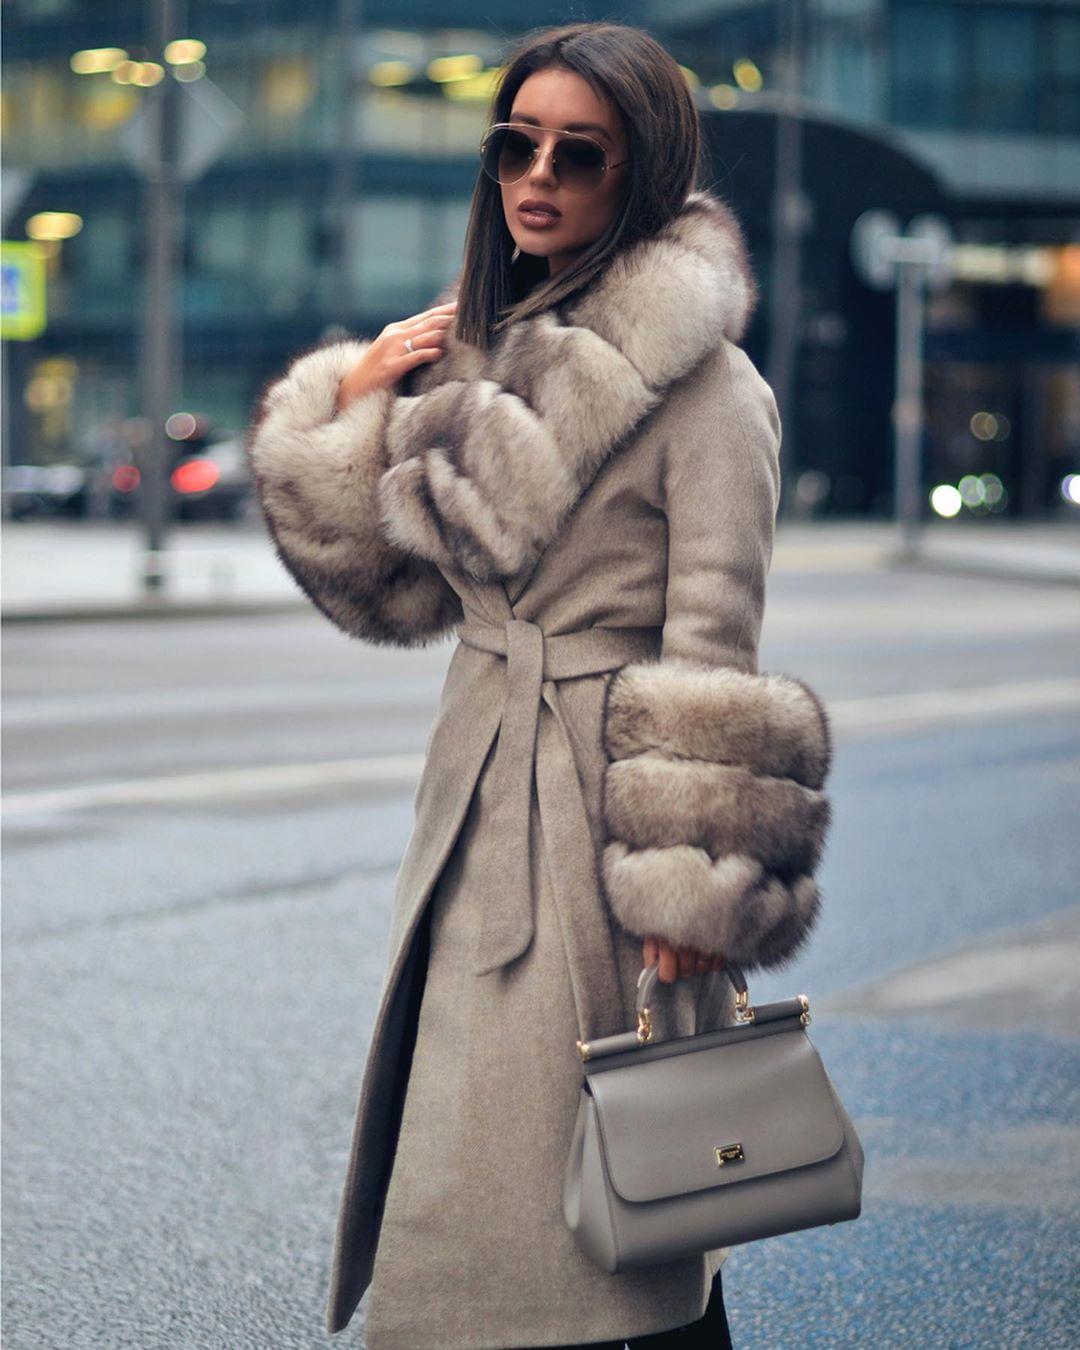 Пальто зимнее с мехом 2020 фото 3